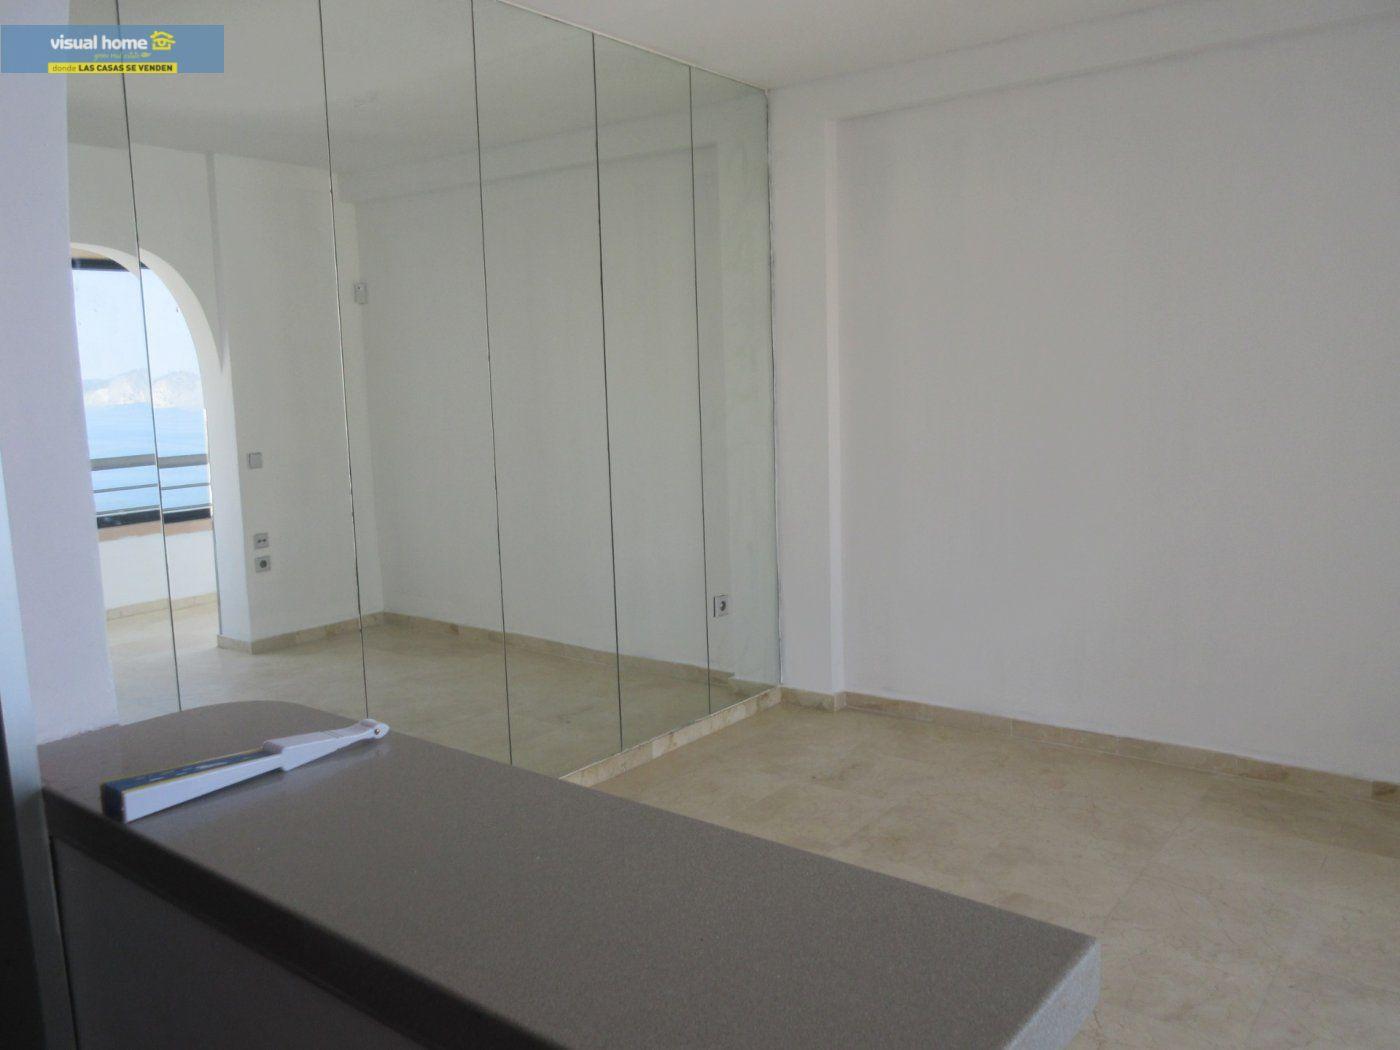 Apartamento de 1 dormitorio con espectaculares vistas  en 1ª linea de playa con parking y piscina 9